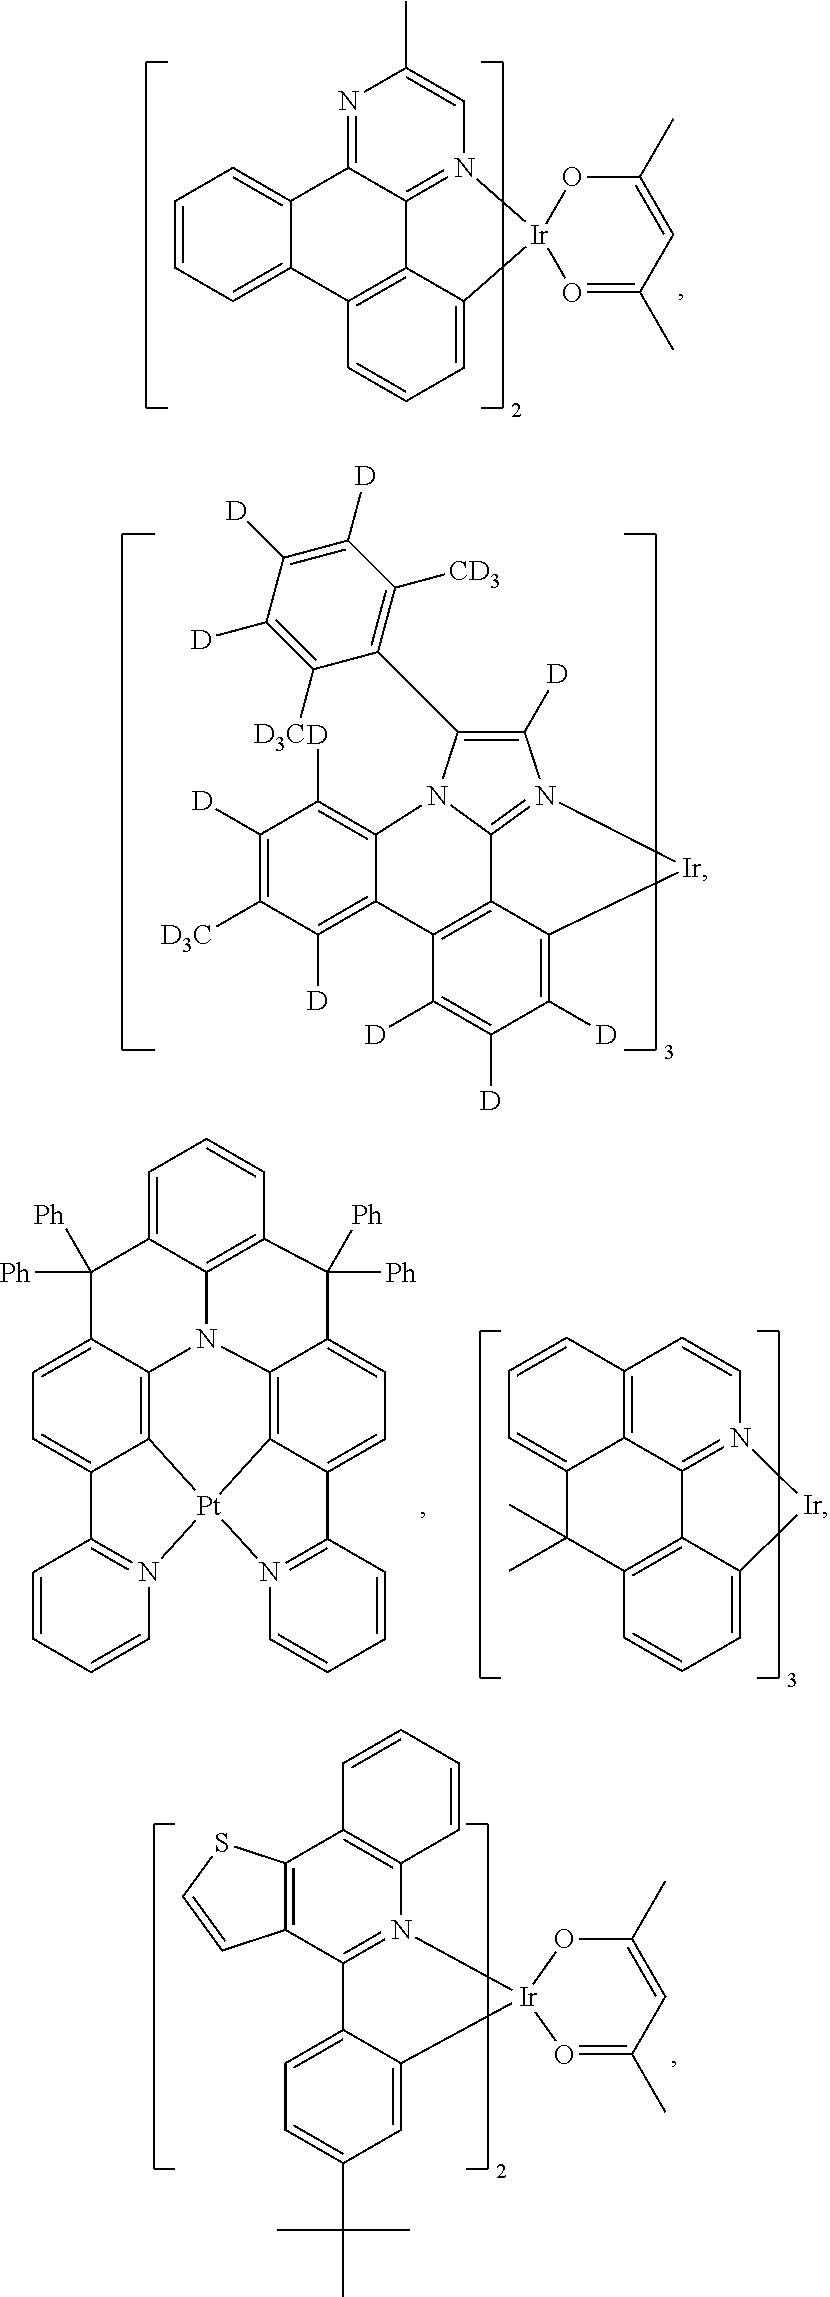 Figure US20180130962A1-20180510-C00185